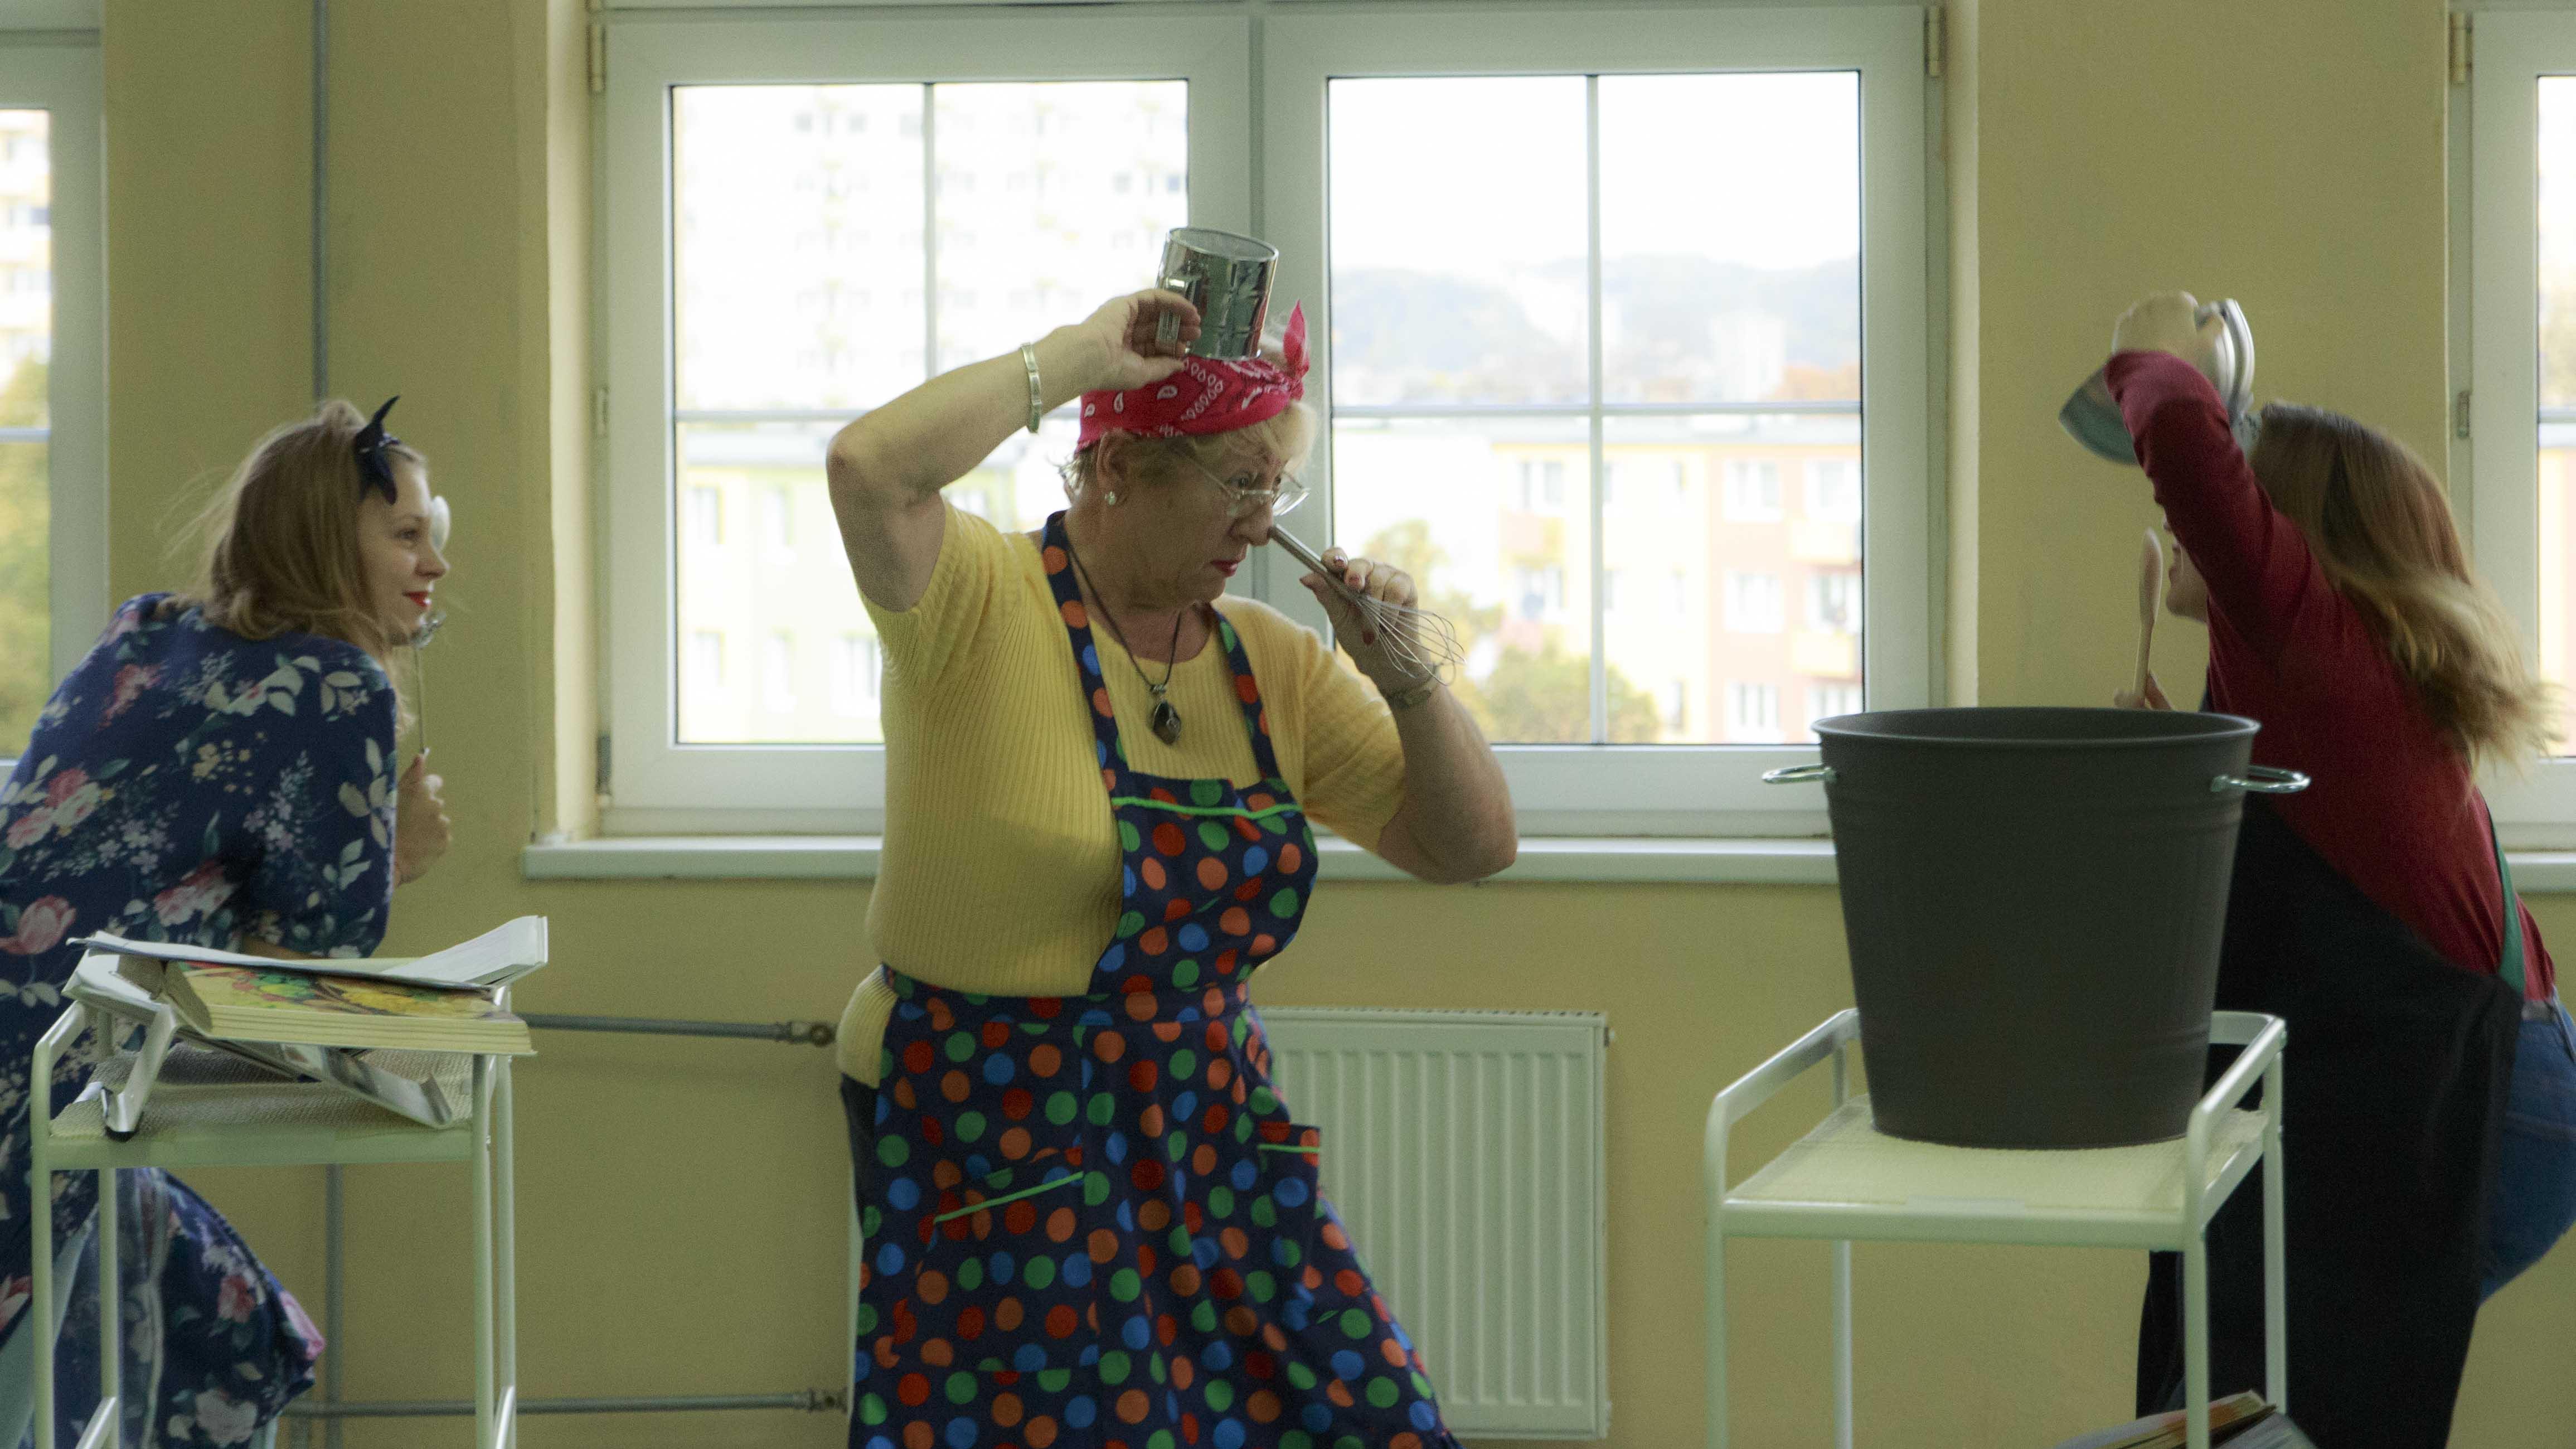 zdjęcie z projektu Dzwięczące wieżowce. Aktorka w fartuchu kuchennym z kubkiem na głowie i mieszadłem przyłozonym do nosa.